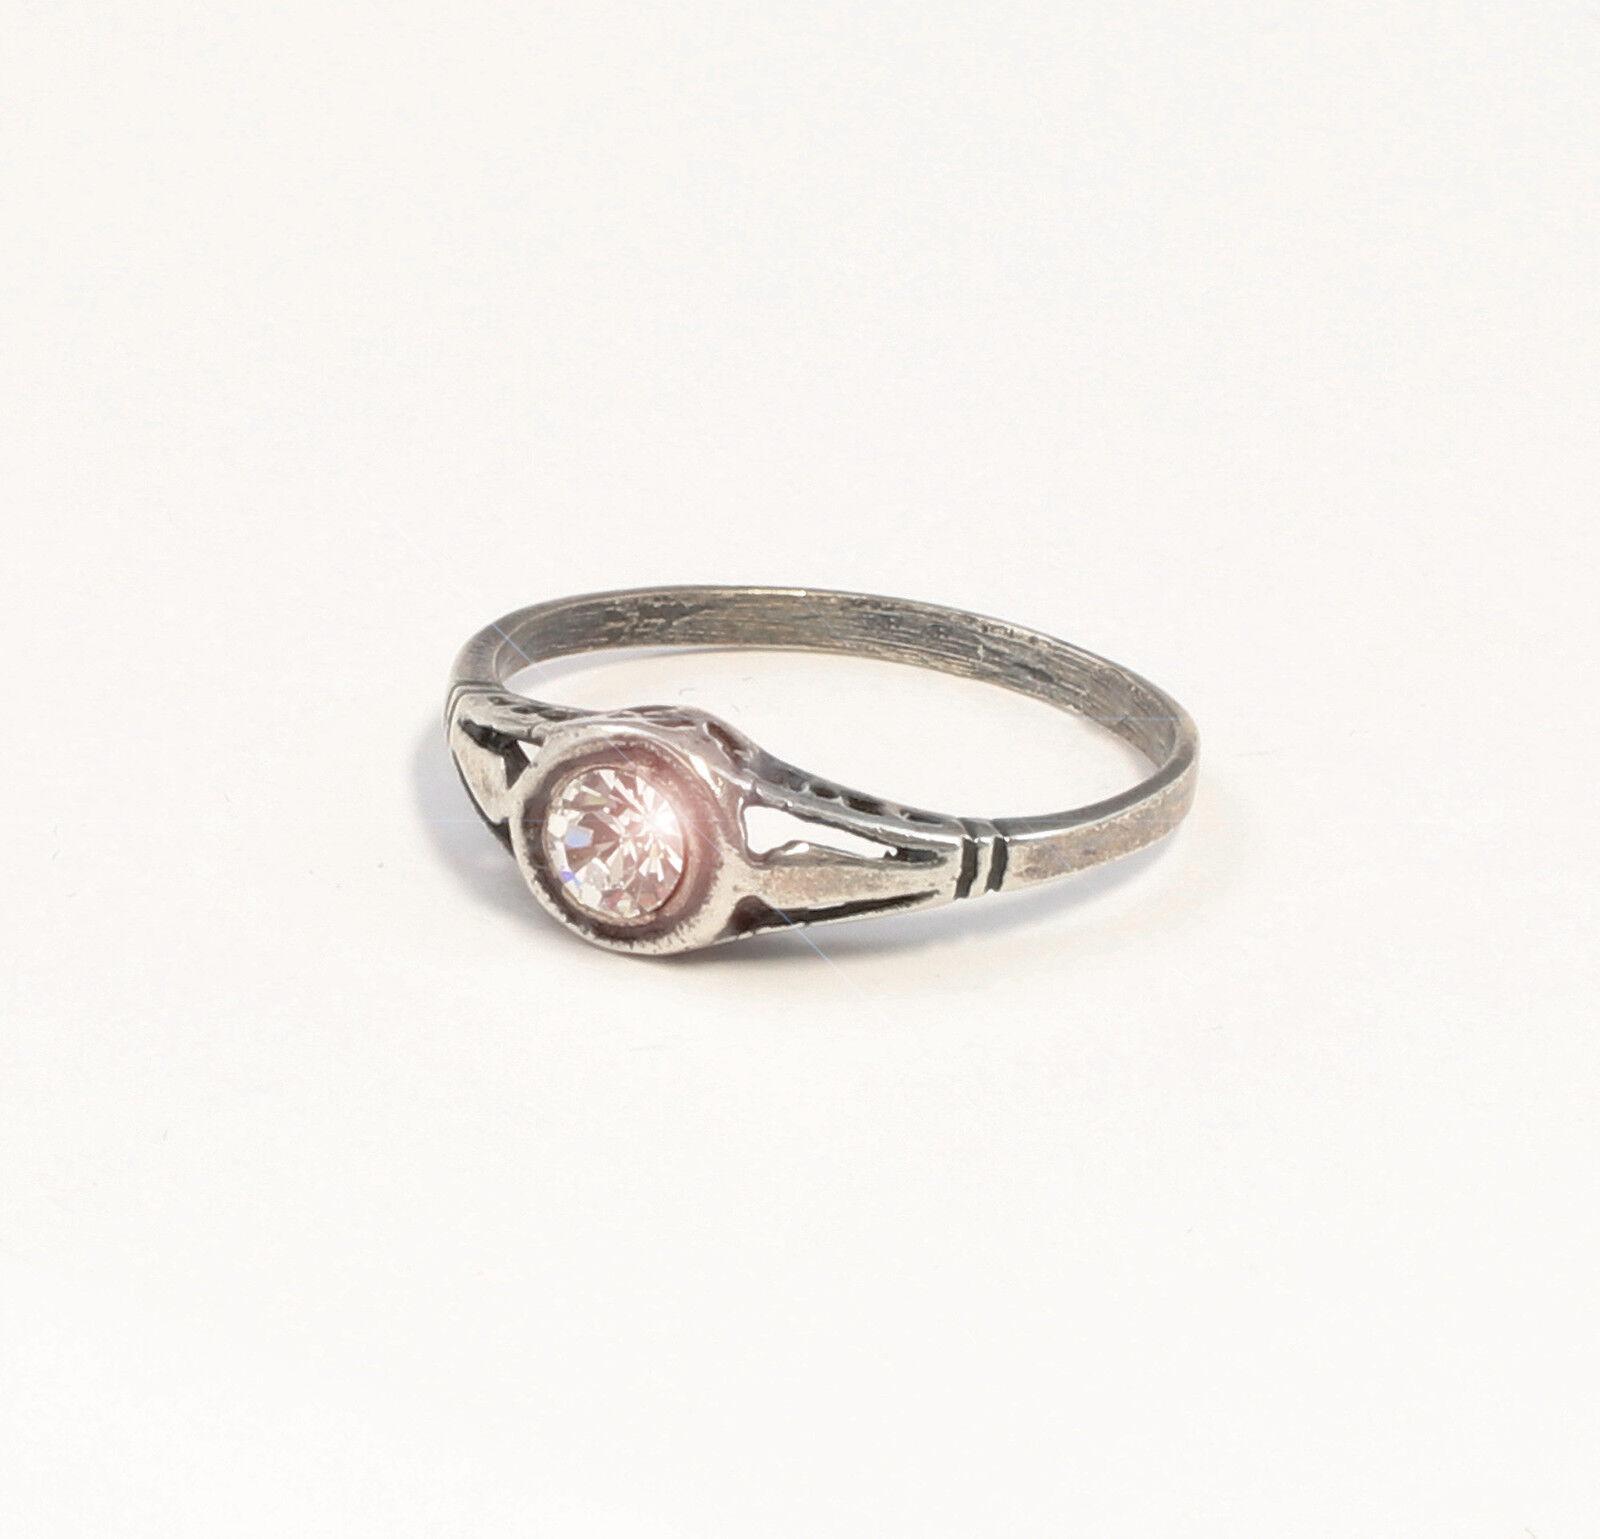 925er silver Ring mit Swarovski-Steinen Gr. 51 filigran 9901371